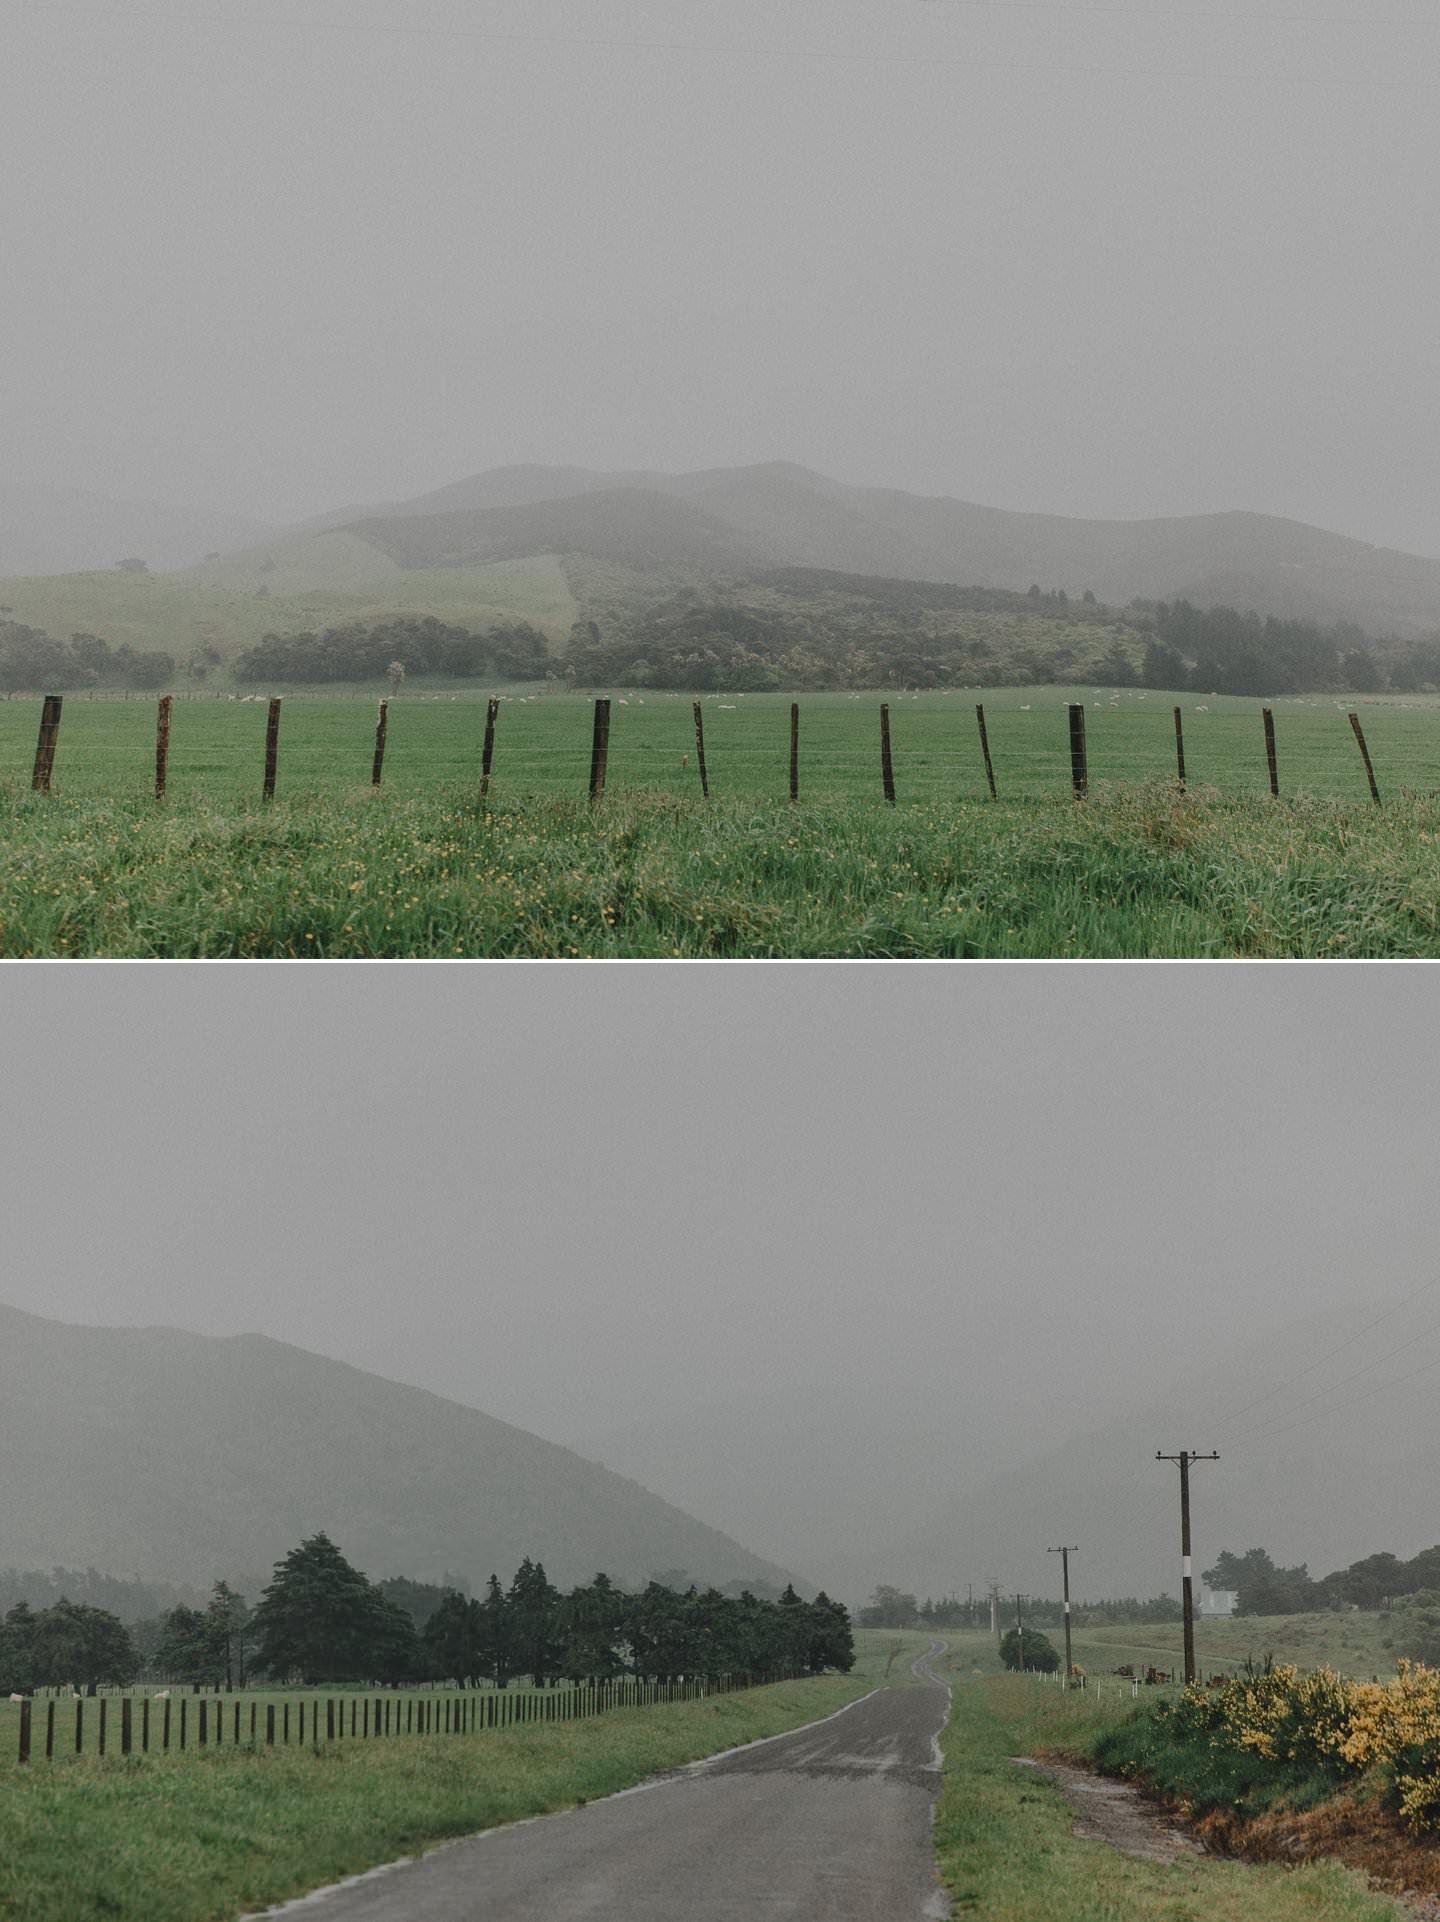 Wairarapa landscape in the rain